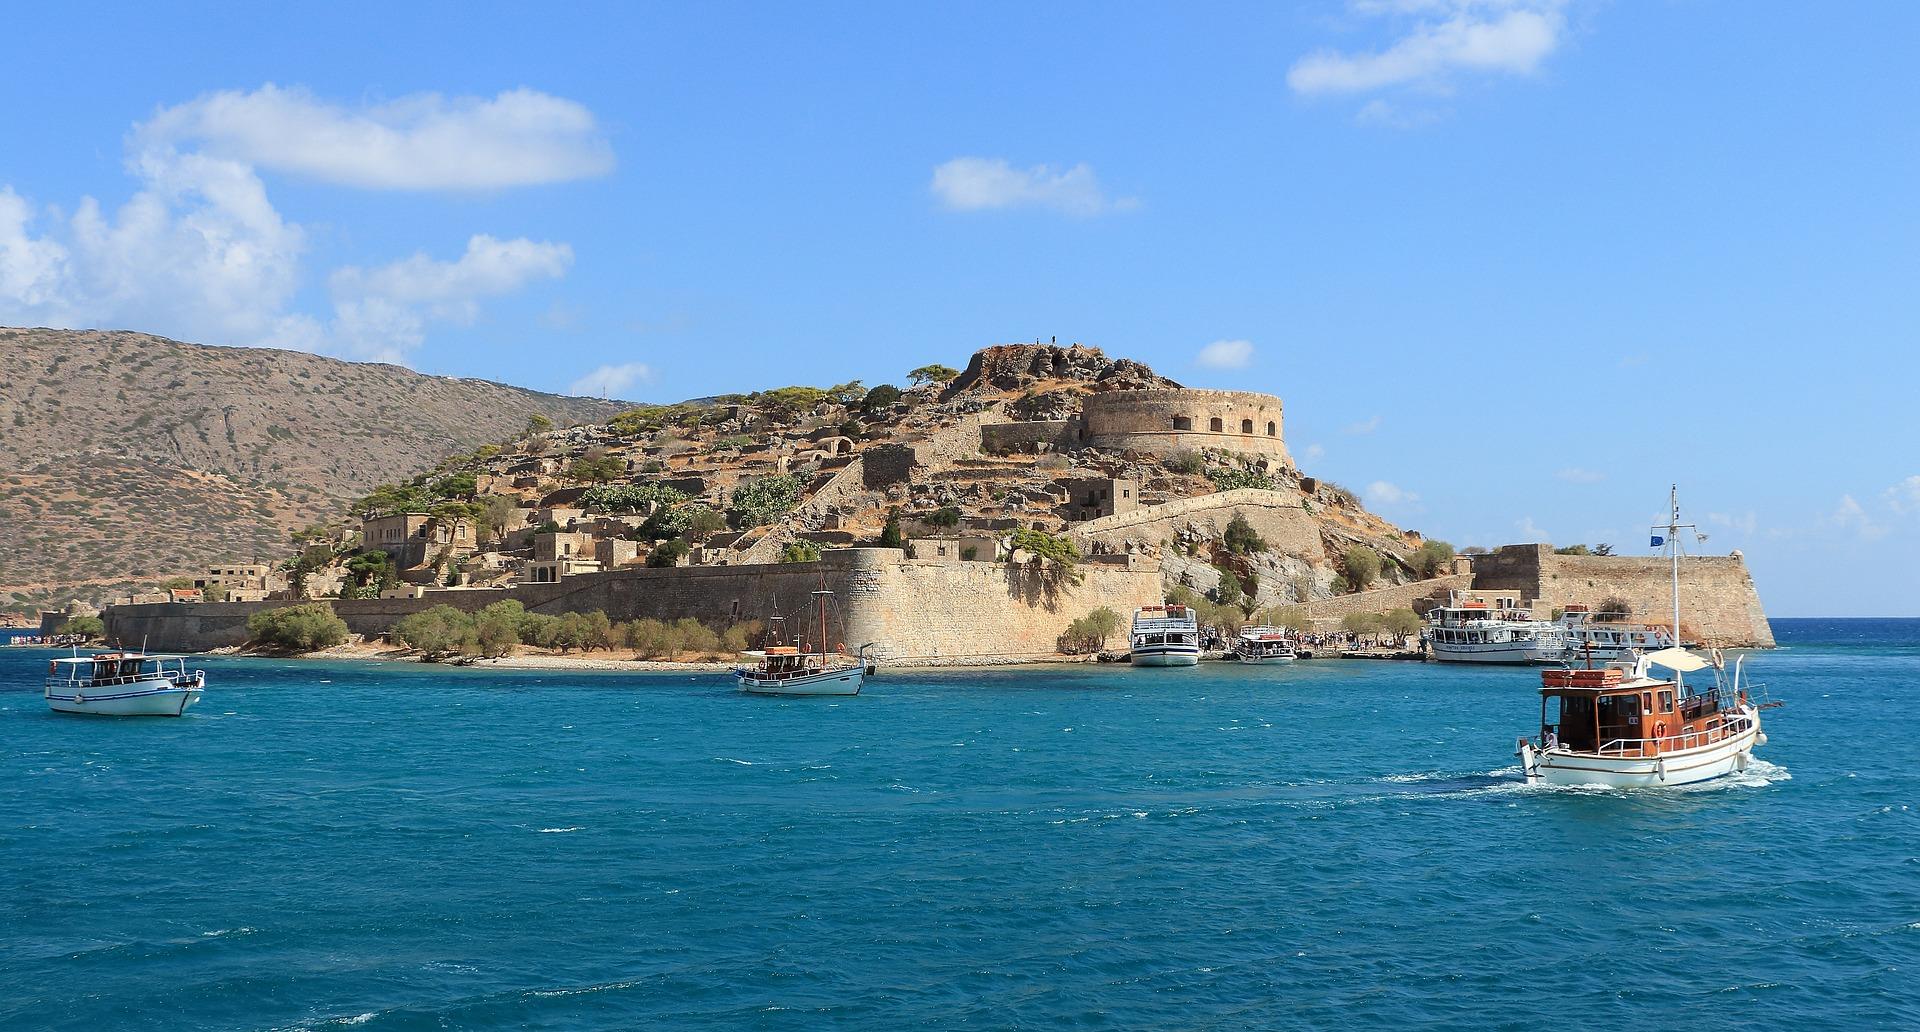 Sehr beliebt ist es billig mit Ryanair nach Athen zu fliegen und von dort mit dem Schiff nach Kreta zu reisen